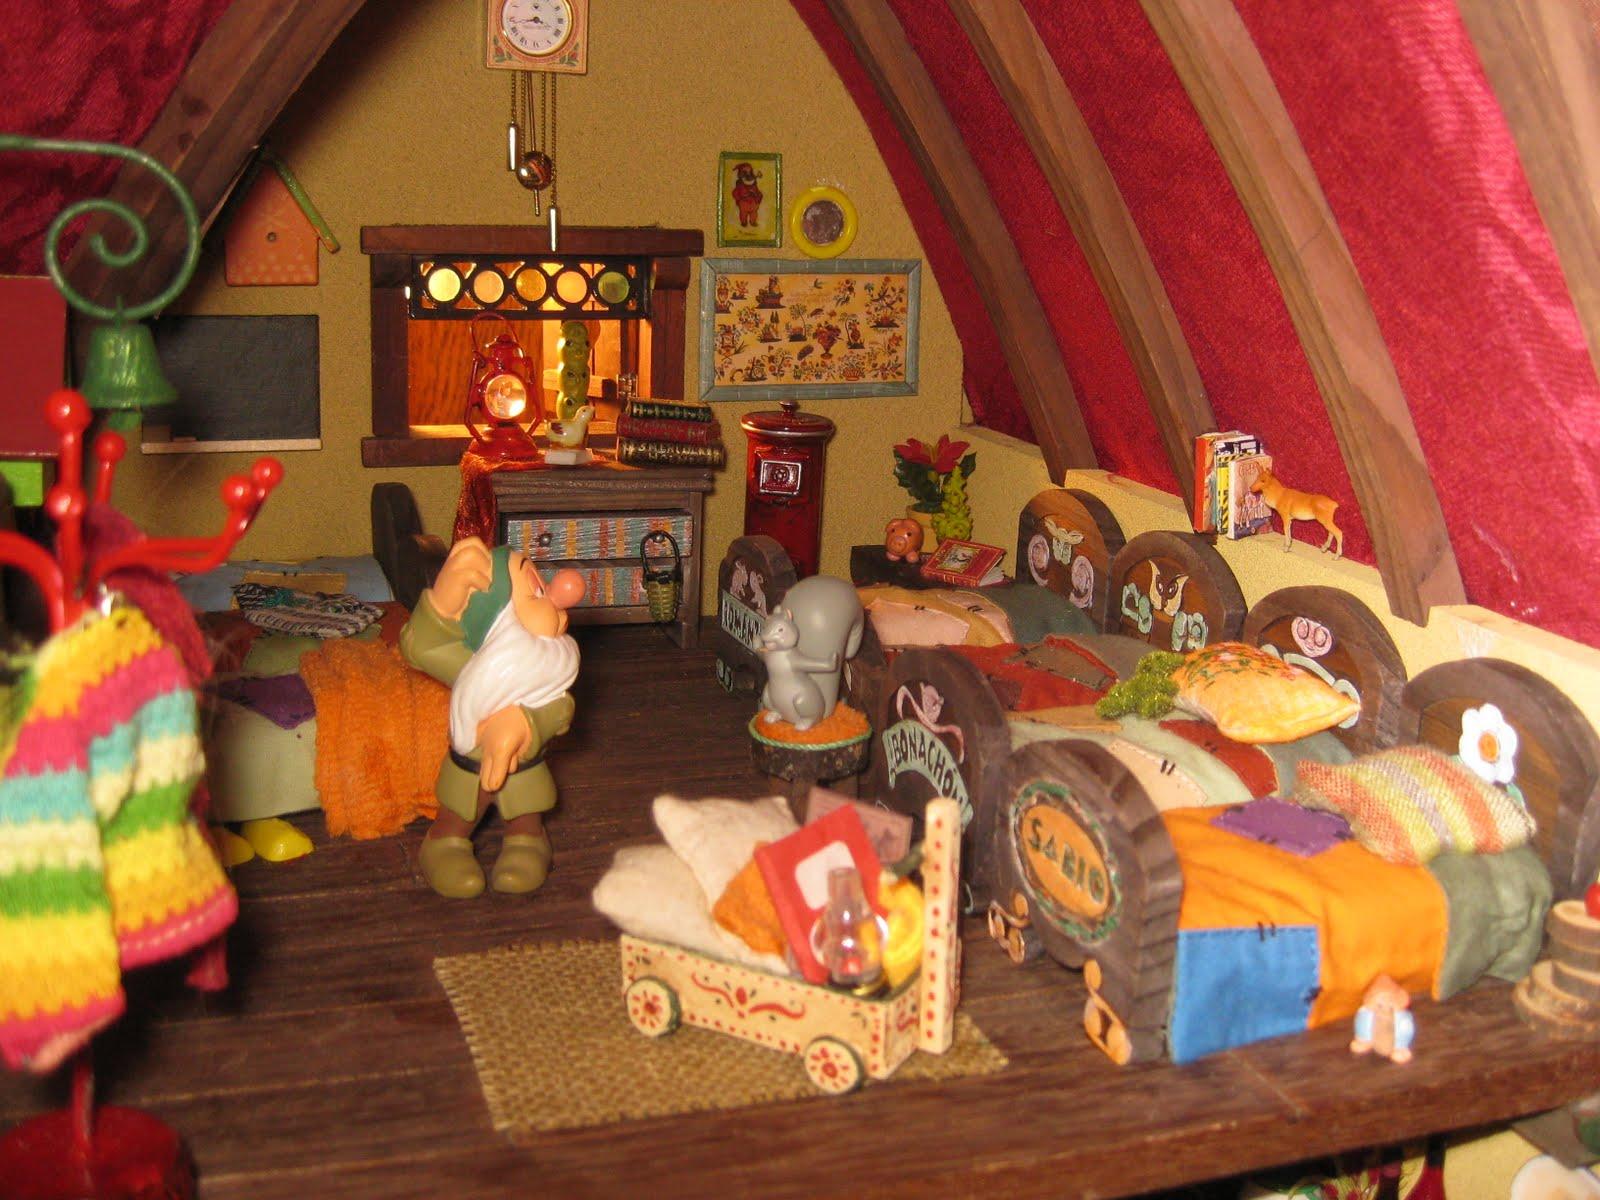 Escenas sobre el libro y la literatura en miniatura - Casa de blancanieves y los 7 enanitos simba ...